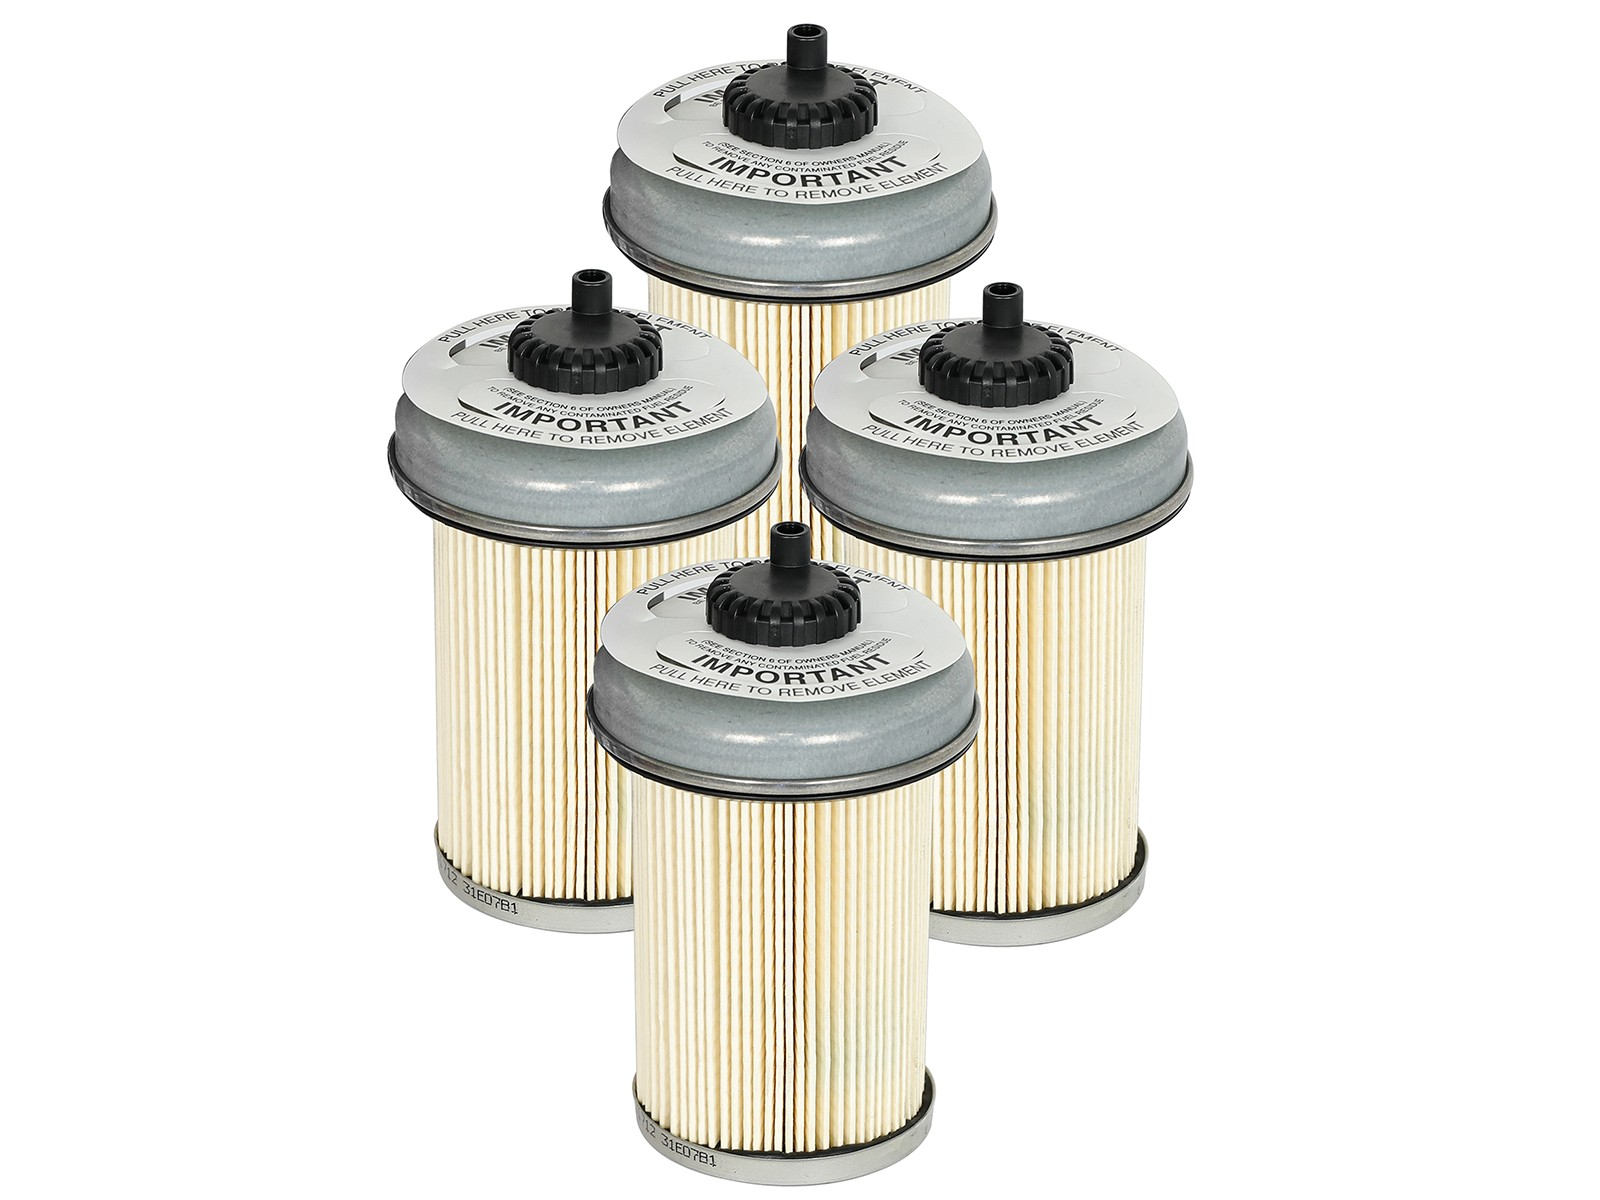 hight resolution of 1999 yukon fuel filter